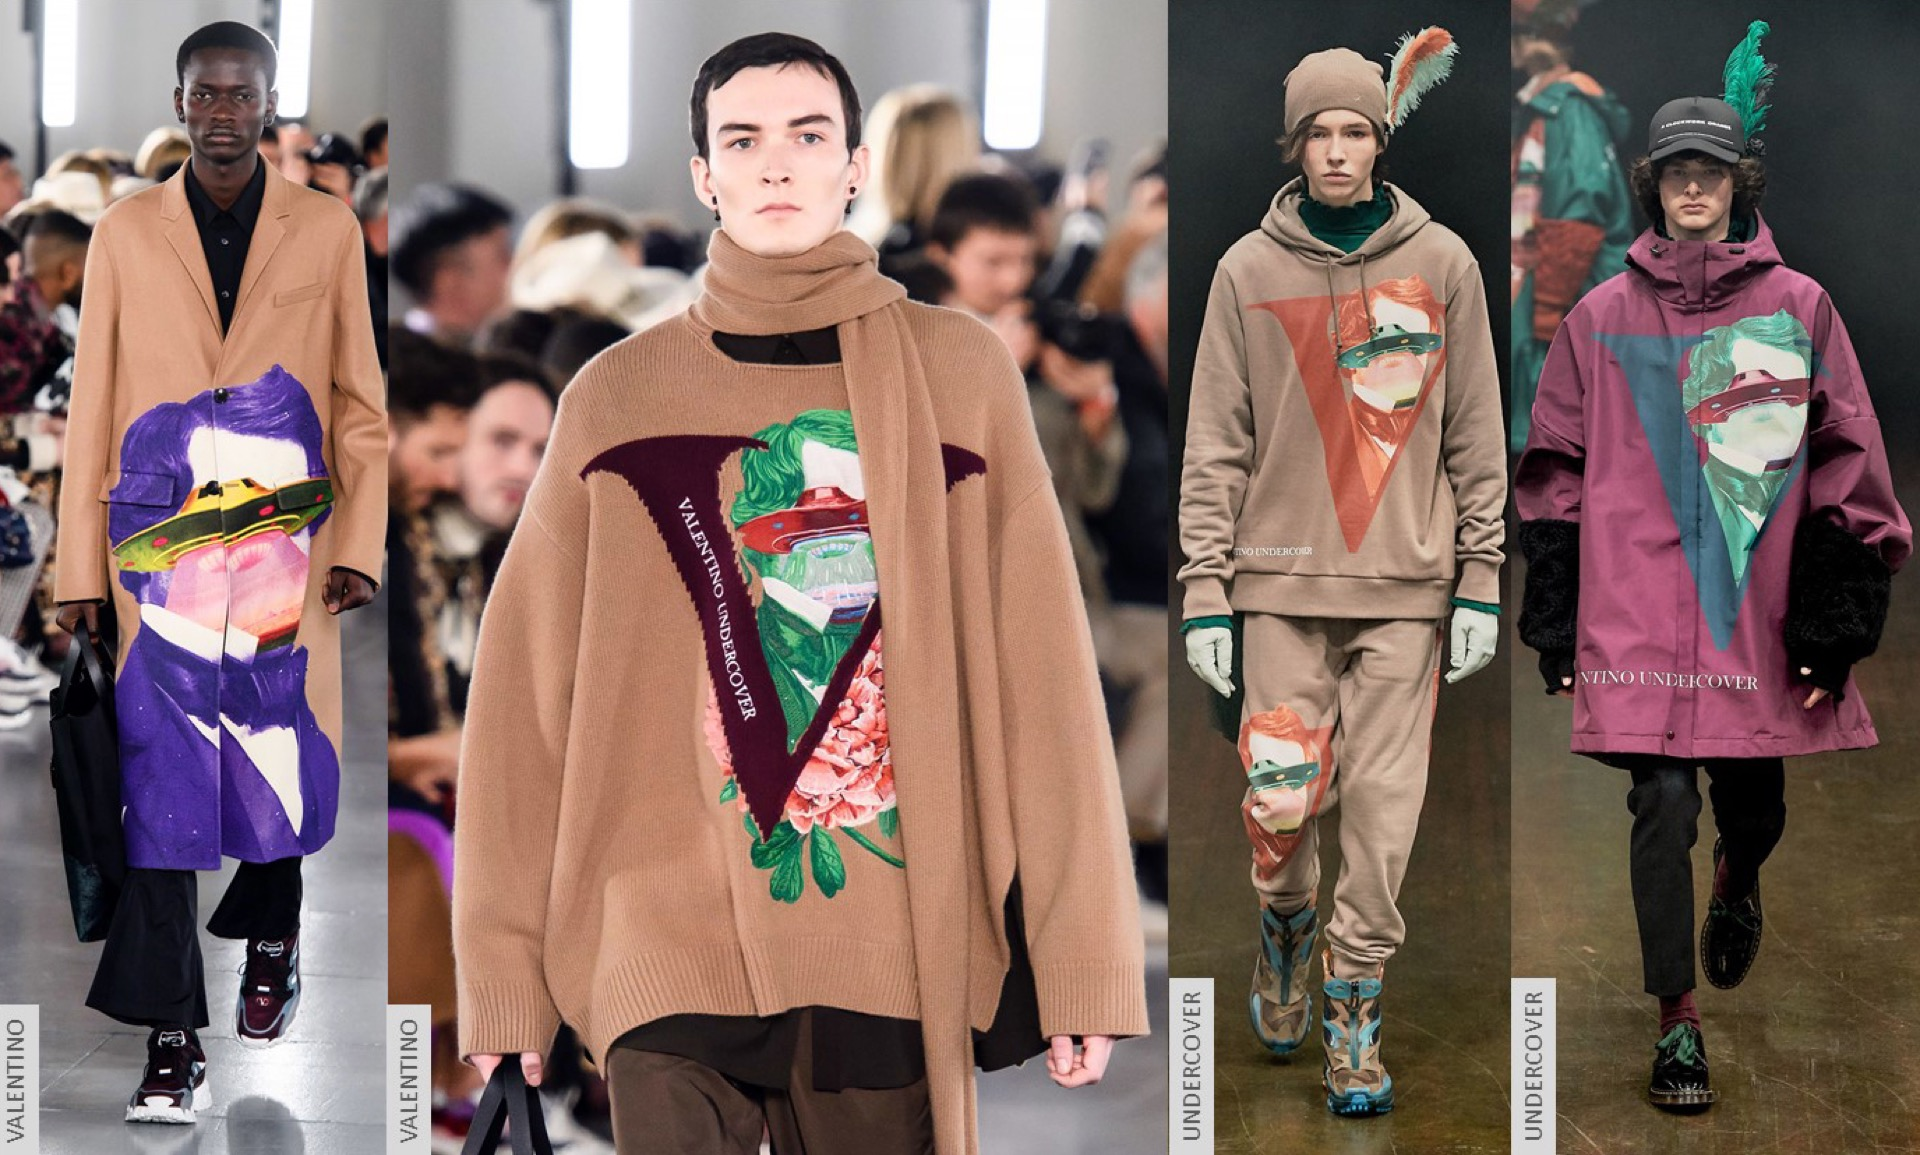 Sensibilidad artística y detalles artísticos como los de la colaboración de Valentino con Jun Takahashi para Undercover son tendencia.